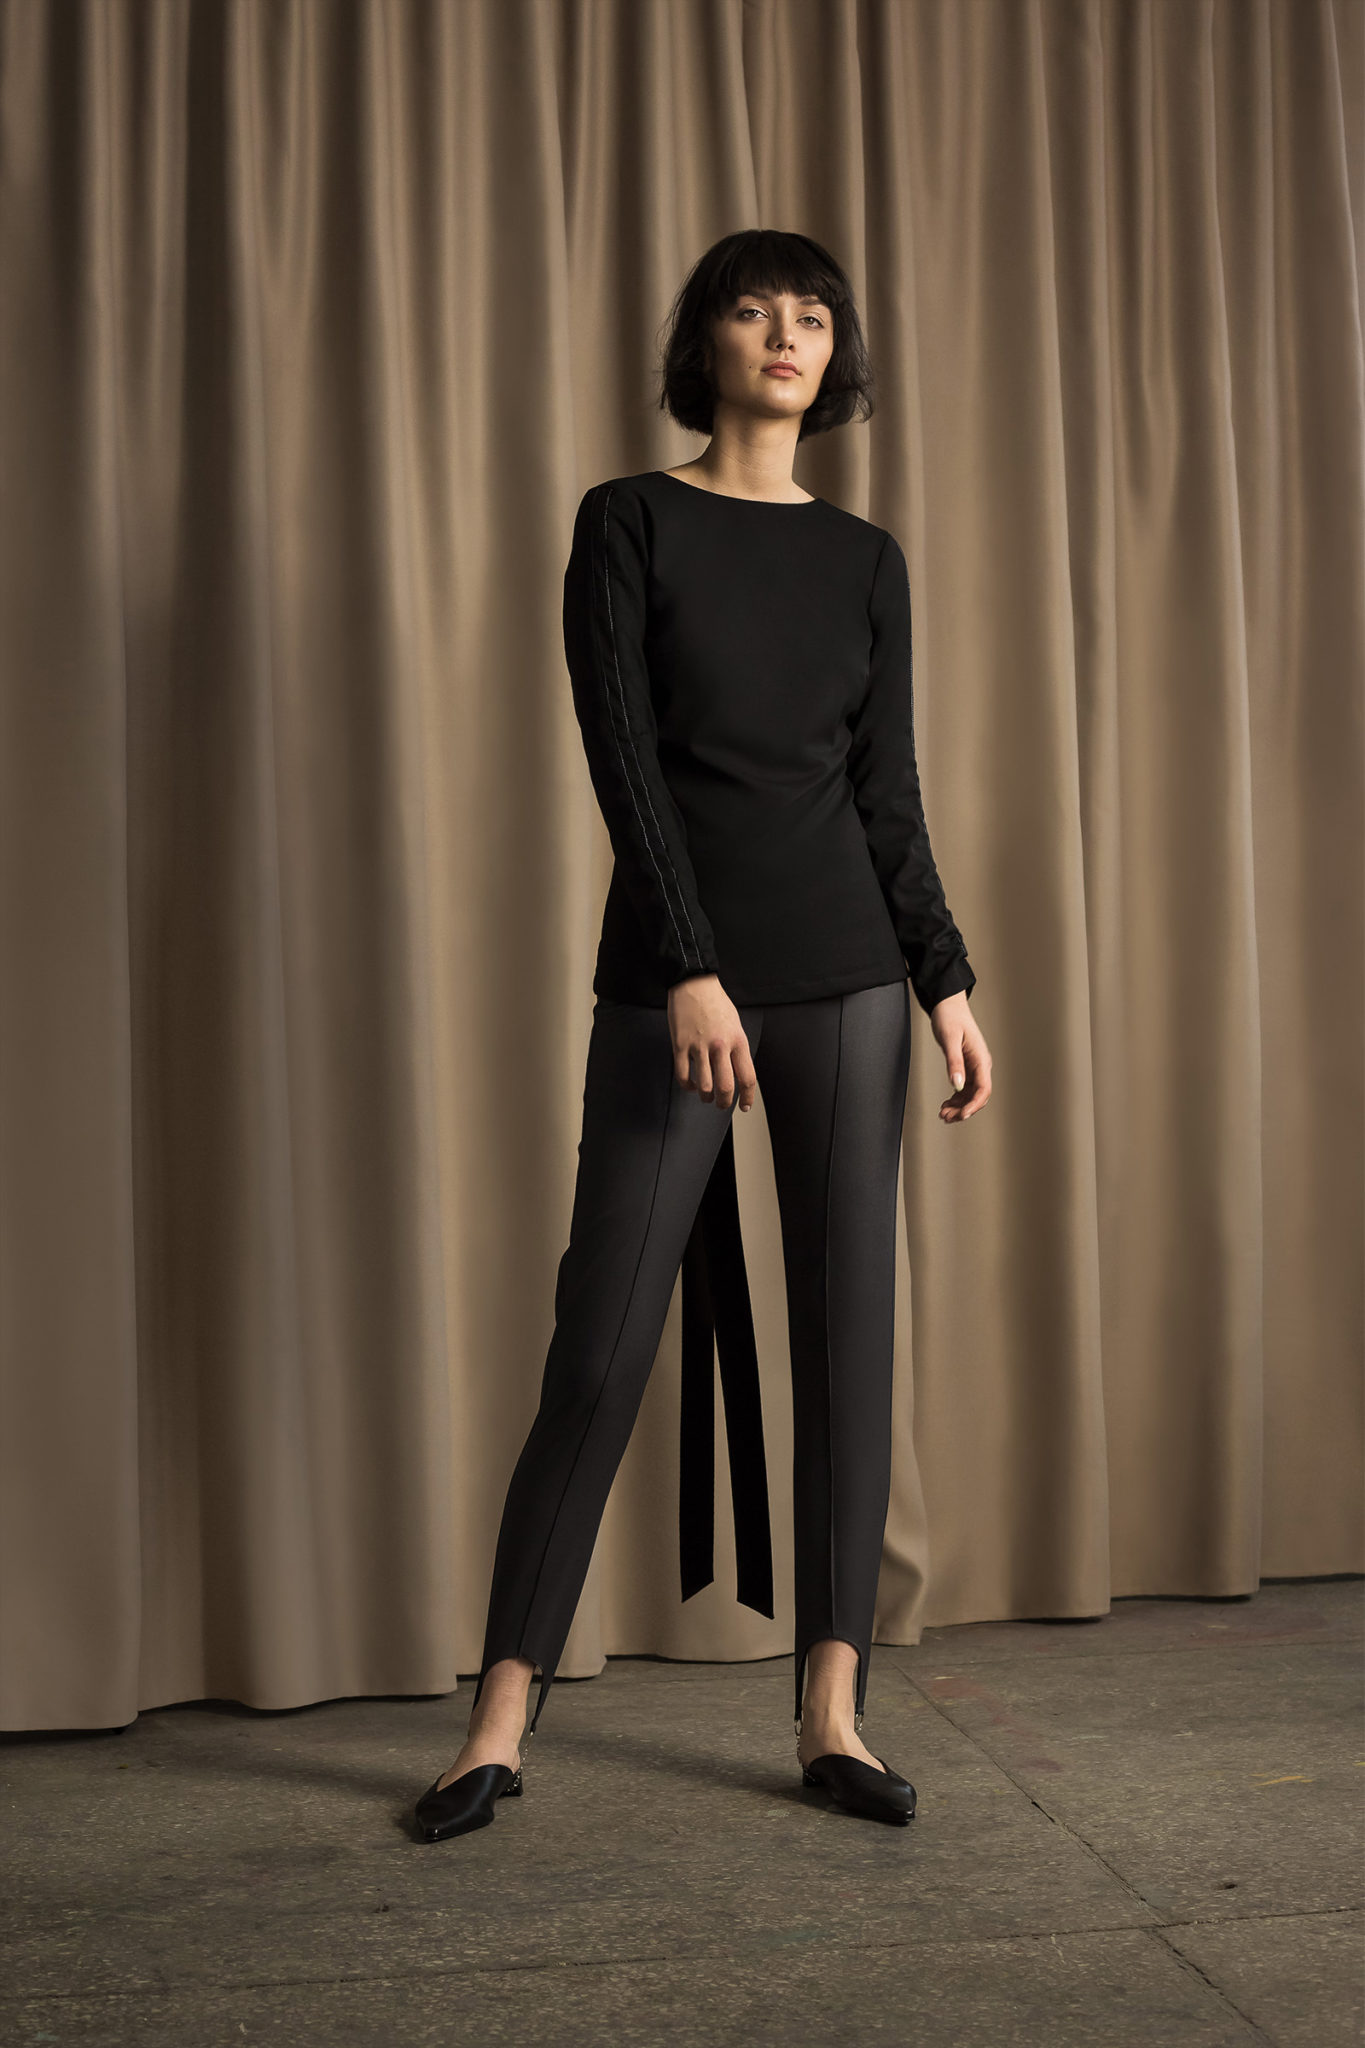 Na zdjeciu widzimy kobiete ubrana na czarno w spodnie i bluzke w krotkich wlosach pozuje na brazowym tle zrobionym z materialu